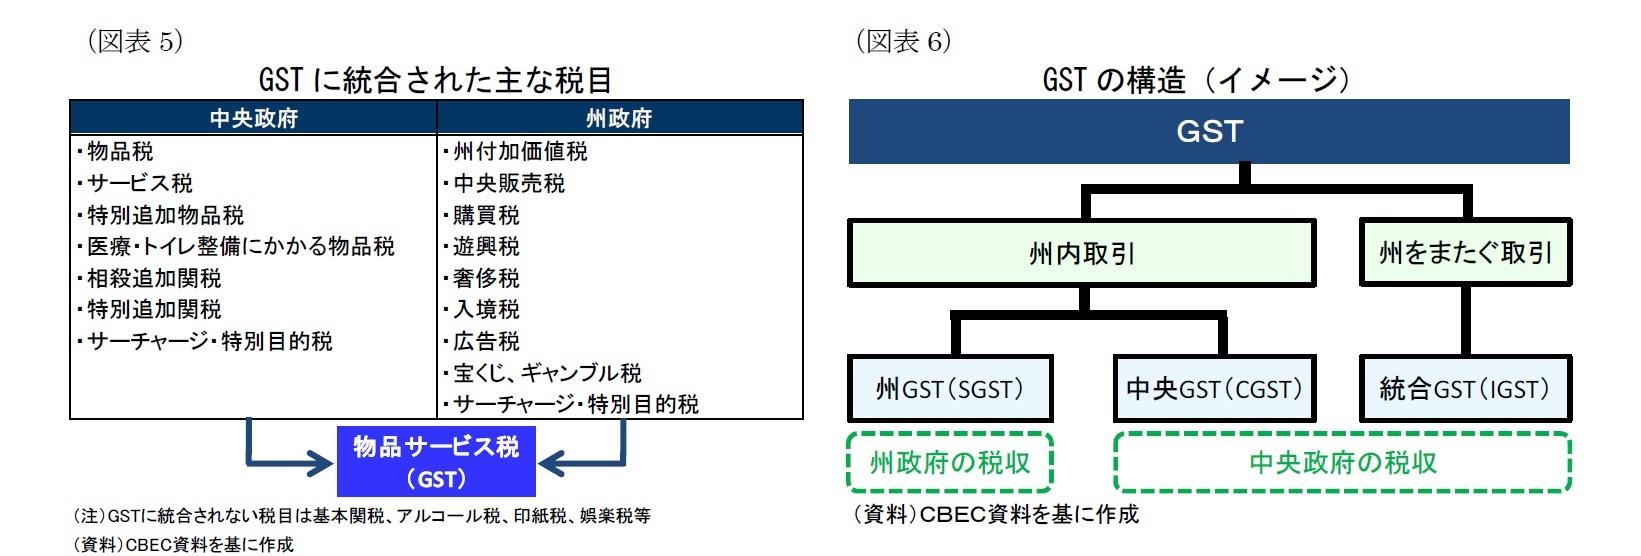 (図表5)GST に統合された主な税目/(図表6)GST の構造(イメージ)